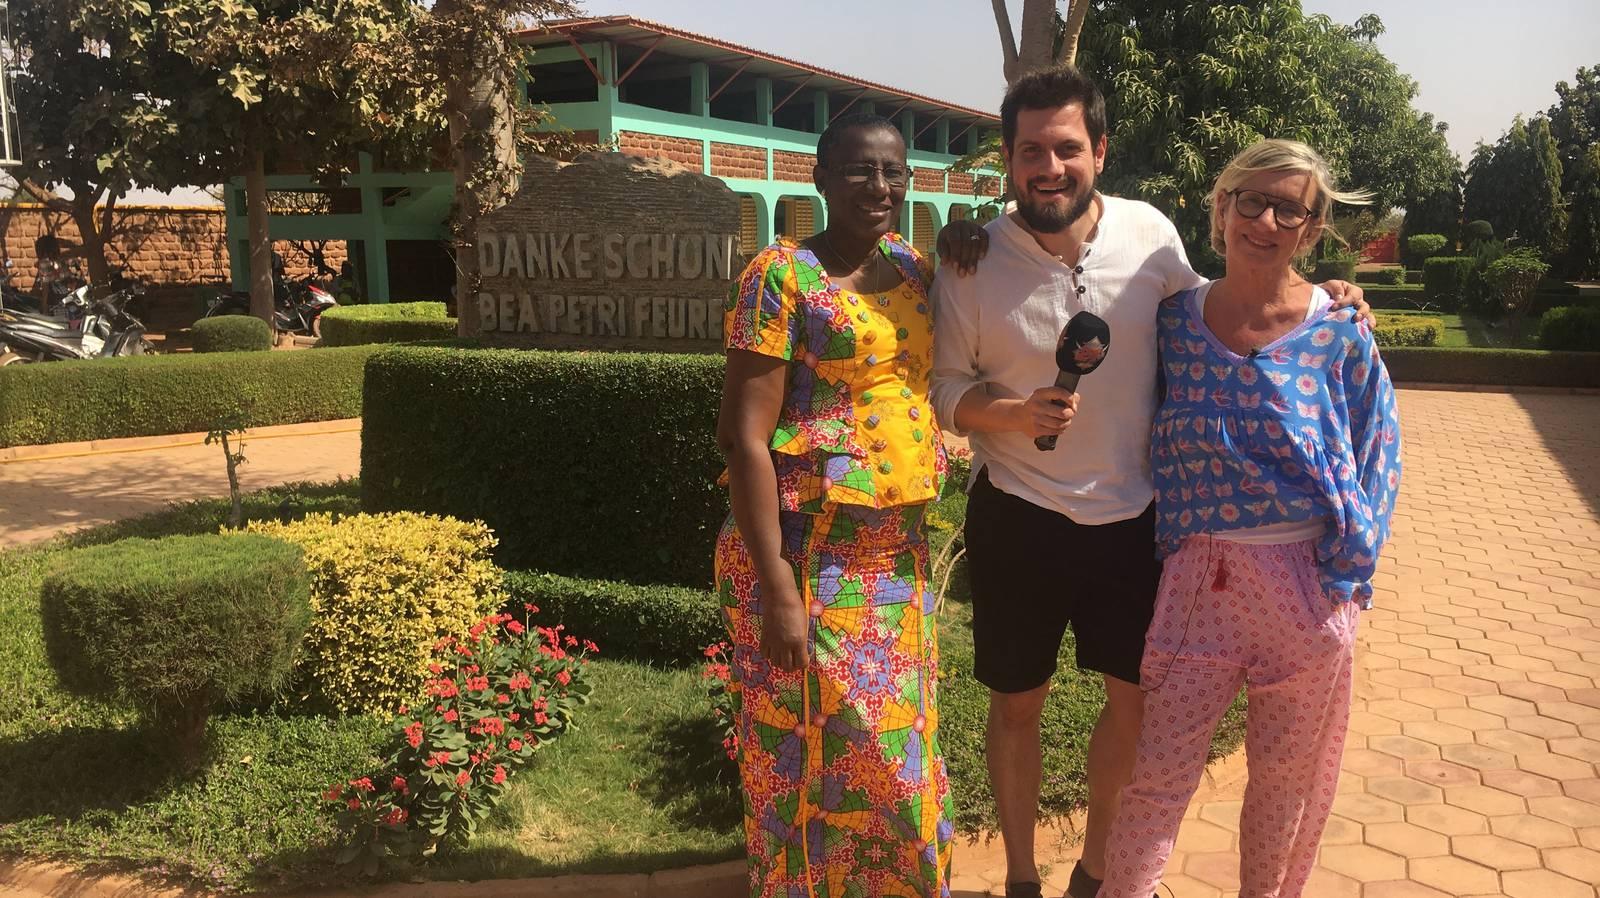 Schuldirektorin Safi Ouattara Diallo zusammen mit Bea Petri und Dominik vor der Schule «nas mode». (© Radio 24)